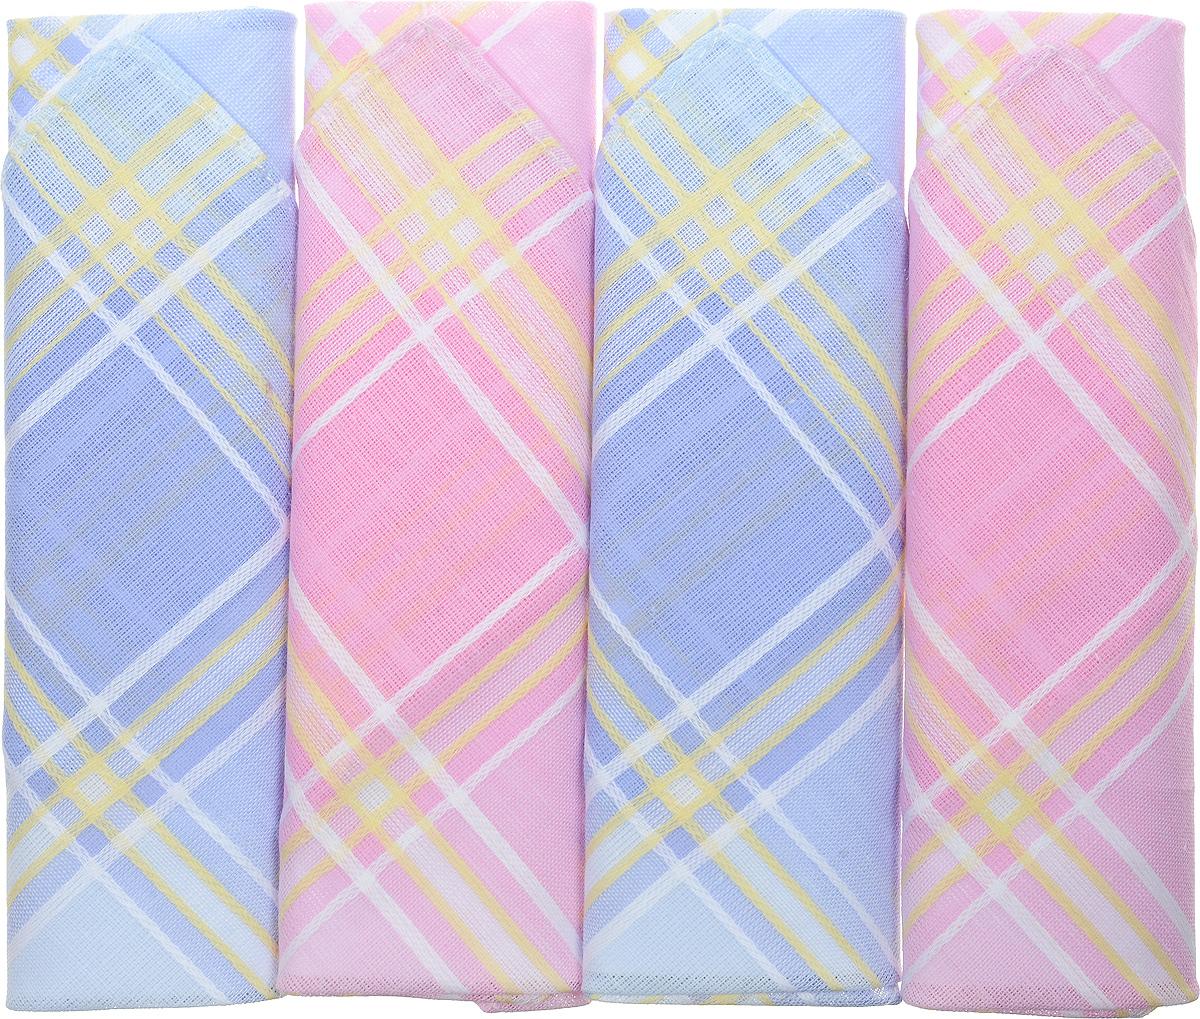 Платок носовой женский Zlata Korunka, цвет: мультиколор, 4 шт. 71420-24. Размер 28 см х 28 см71420-24